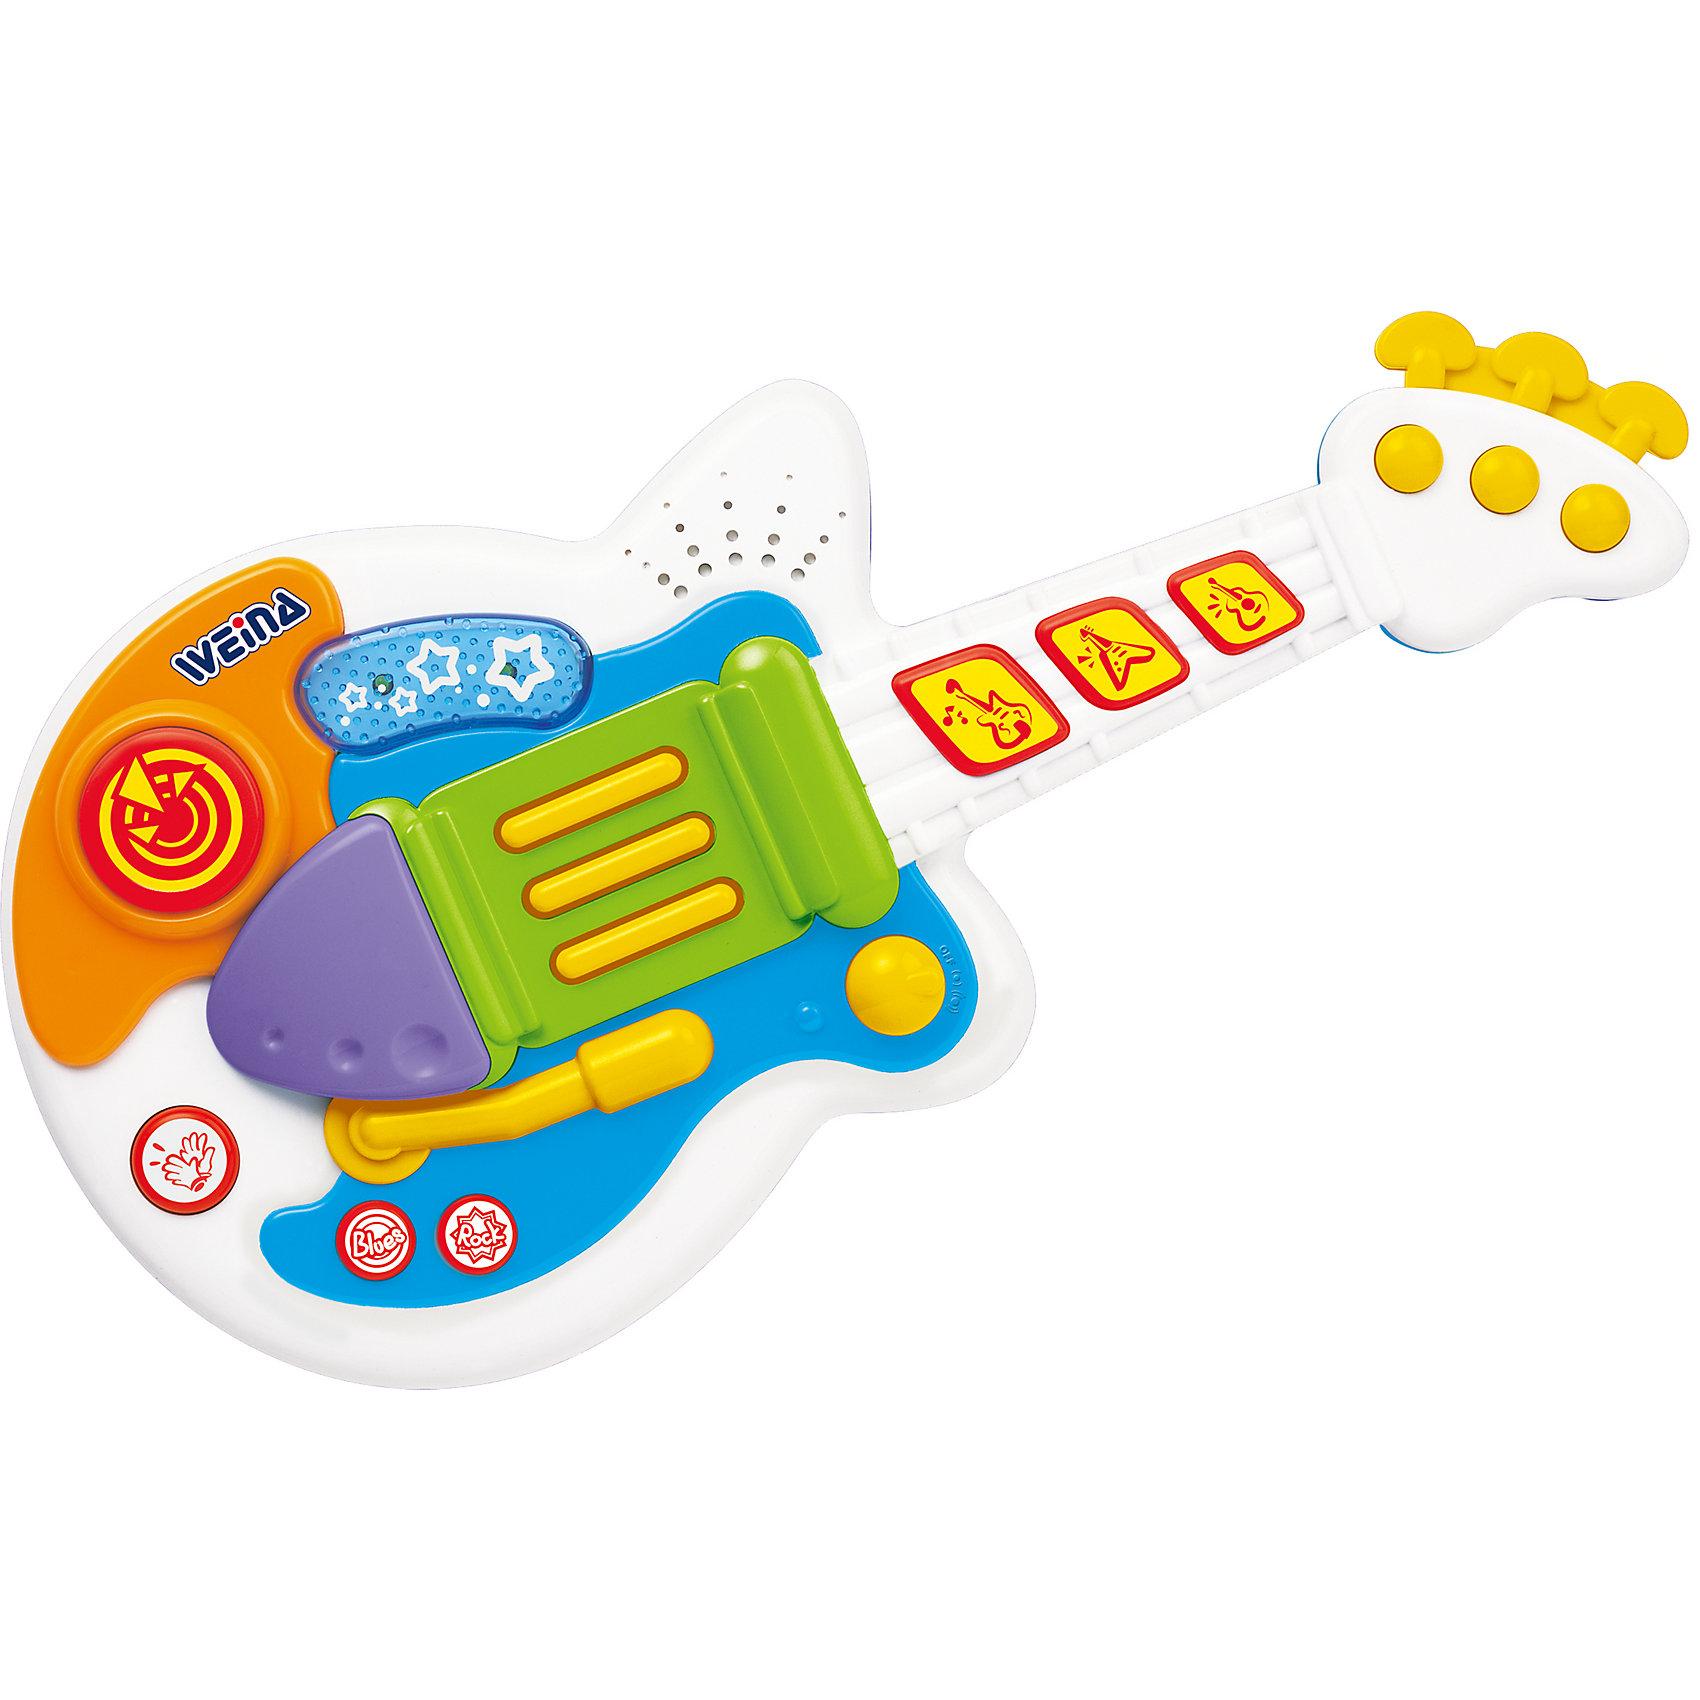 Гитара Рок музыкант, WeinaМалыши обожают собственные музыкальные инструменты! Они подражают настоящим музыкантам, но вместе с тем развивают слух и чувство ритма. Рок-гитара от  Weina создана для будущих звезд. Стоит малышу нажать на клавишу и он услышит замечательные мелодии, а еще сможет попробовать разные эффекты. Непременно попросите малыша выступить перед гостями, он услышит аплодисменты и обязательно захочет научиться играть на настоящем инструменте!<br><br>Дополнительная информация:<br><br>- Отлично подходит для развития музыкальных навыков;<br>- Звуковые и световые эффекты;<br>- Выбор стиля: рок или блюз;<br>- 2 батарейки AA (1.5 В) входят в комплект;<br> Размеры упаковки: 46,5 х 7 х 25,5 см.<br><br>Рок гитару, Weina можно купить в нашем интернет-магазине.<br><br>Ширина мм: 670<br>Глубина мм: 570<br>Высота мм: 240<br>Вес г: 5200<br>Возраст от месяцев: 24<br>Возраст до месяцев: 72<br>Пол: Унисекс<br>Возраст: Детский<br>SKU: 3979982